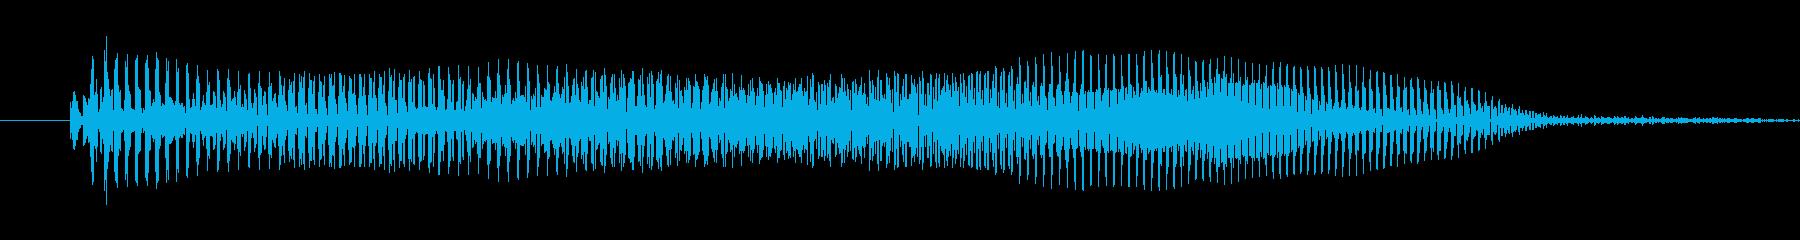 リトルレッドモンスター:Rの再生済みの波形